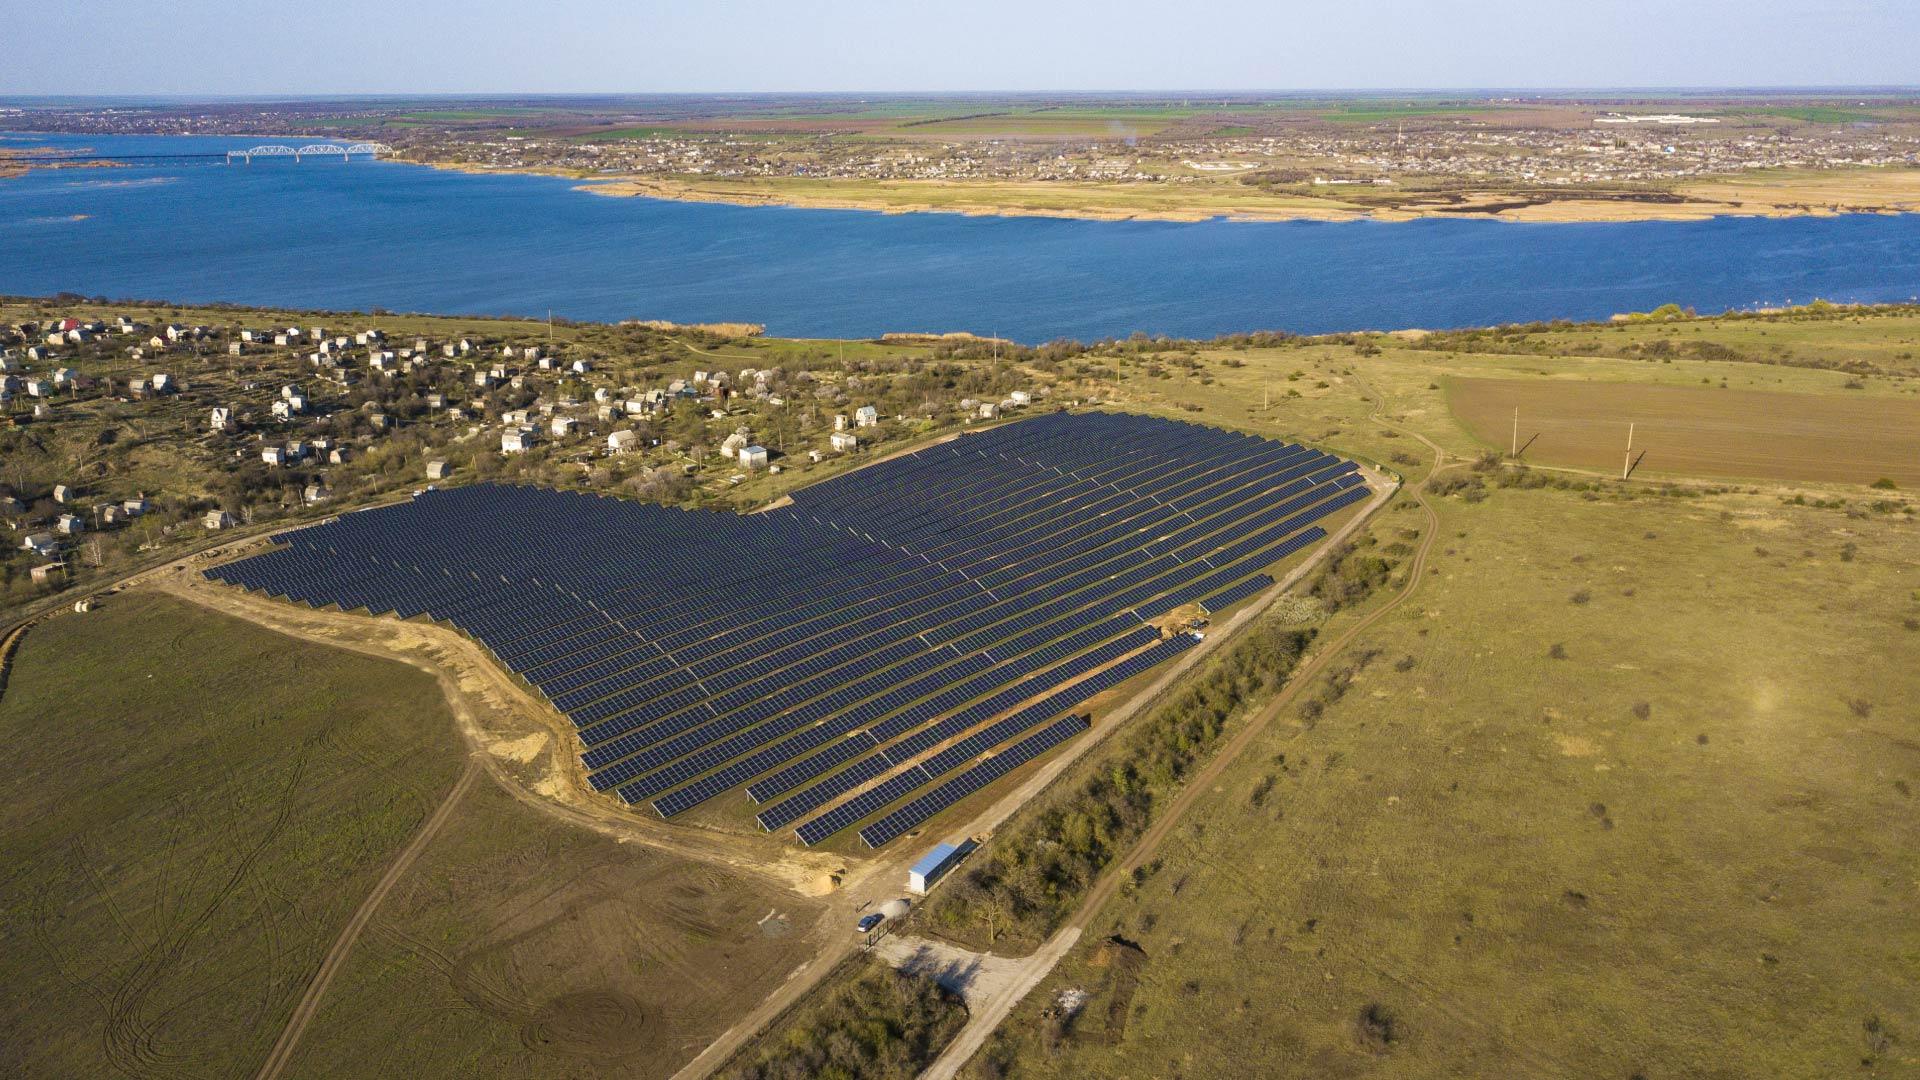 вот солнечная электростанция в щелкино фото его